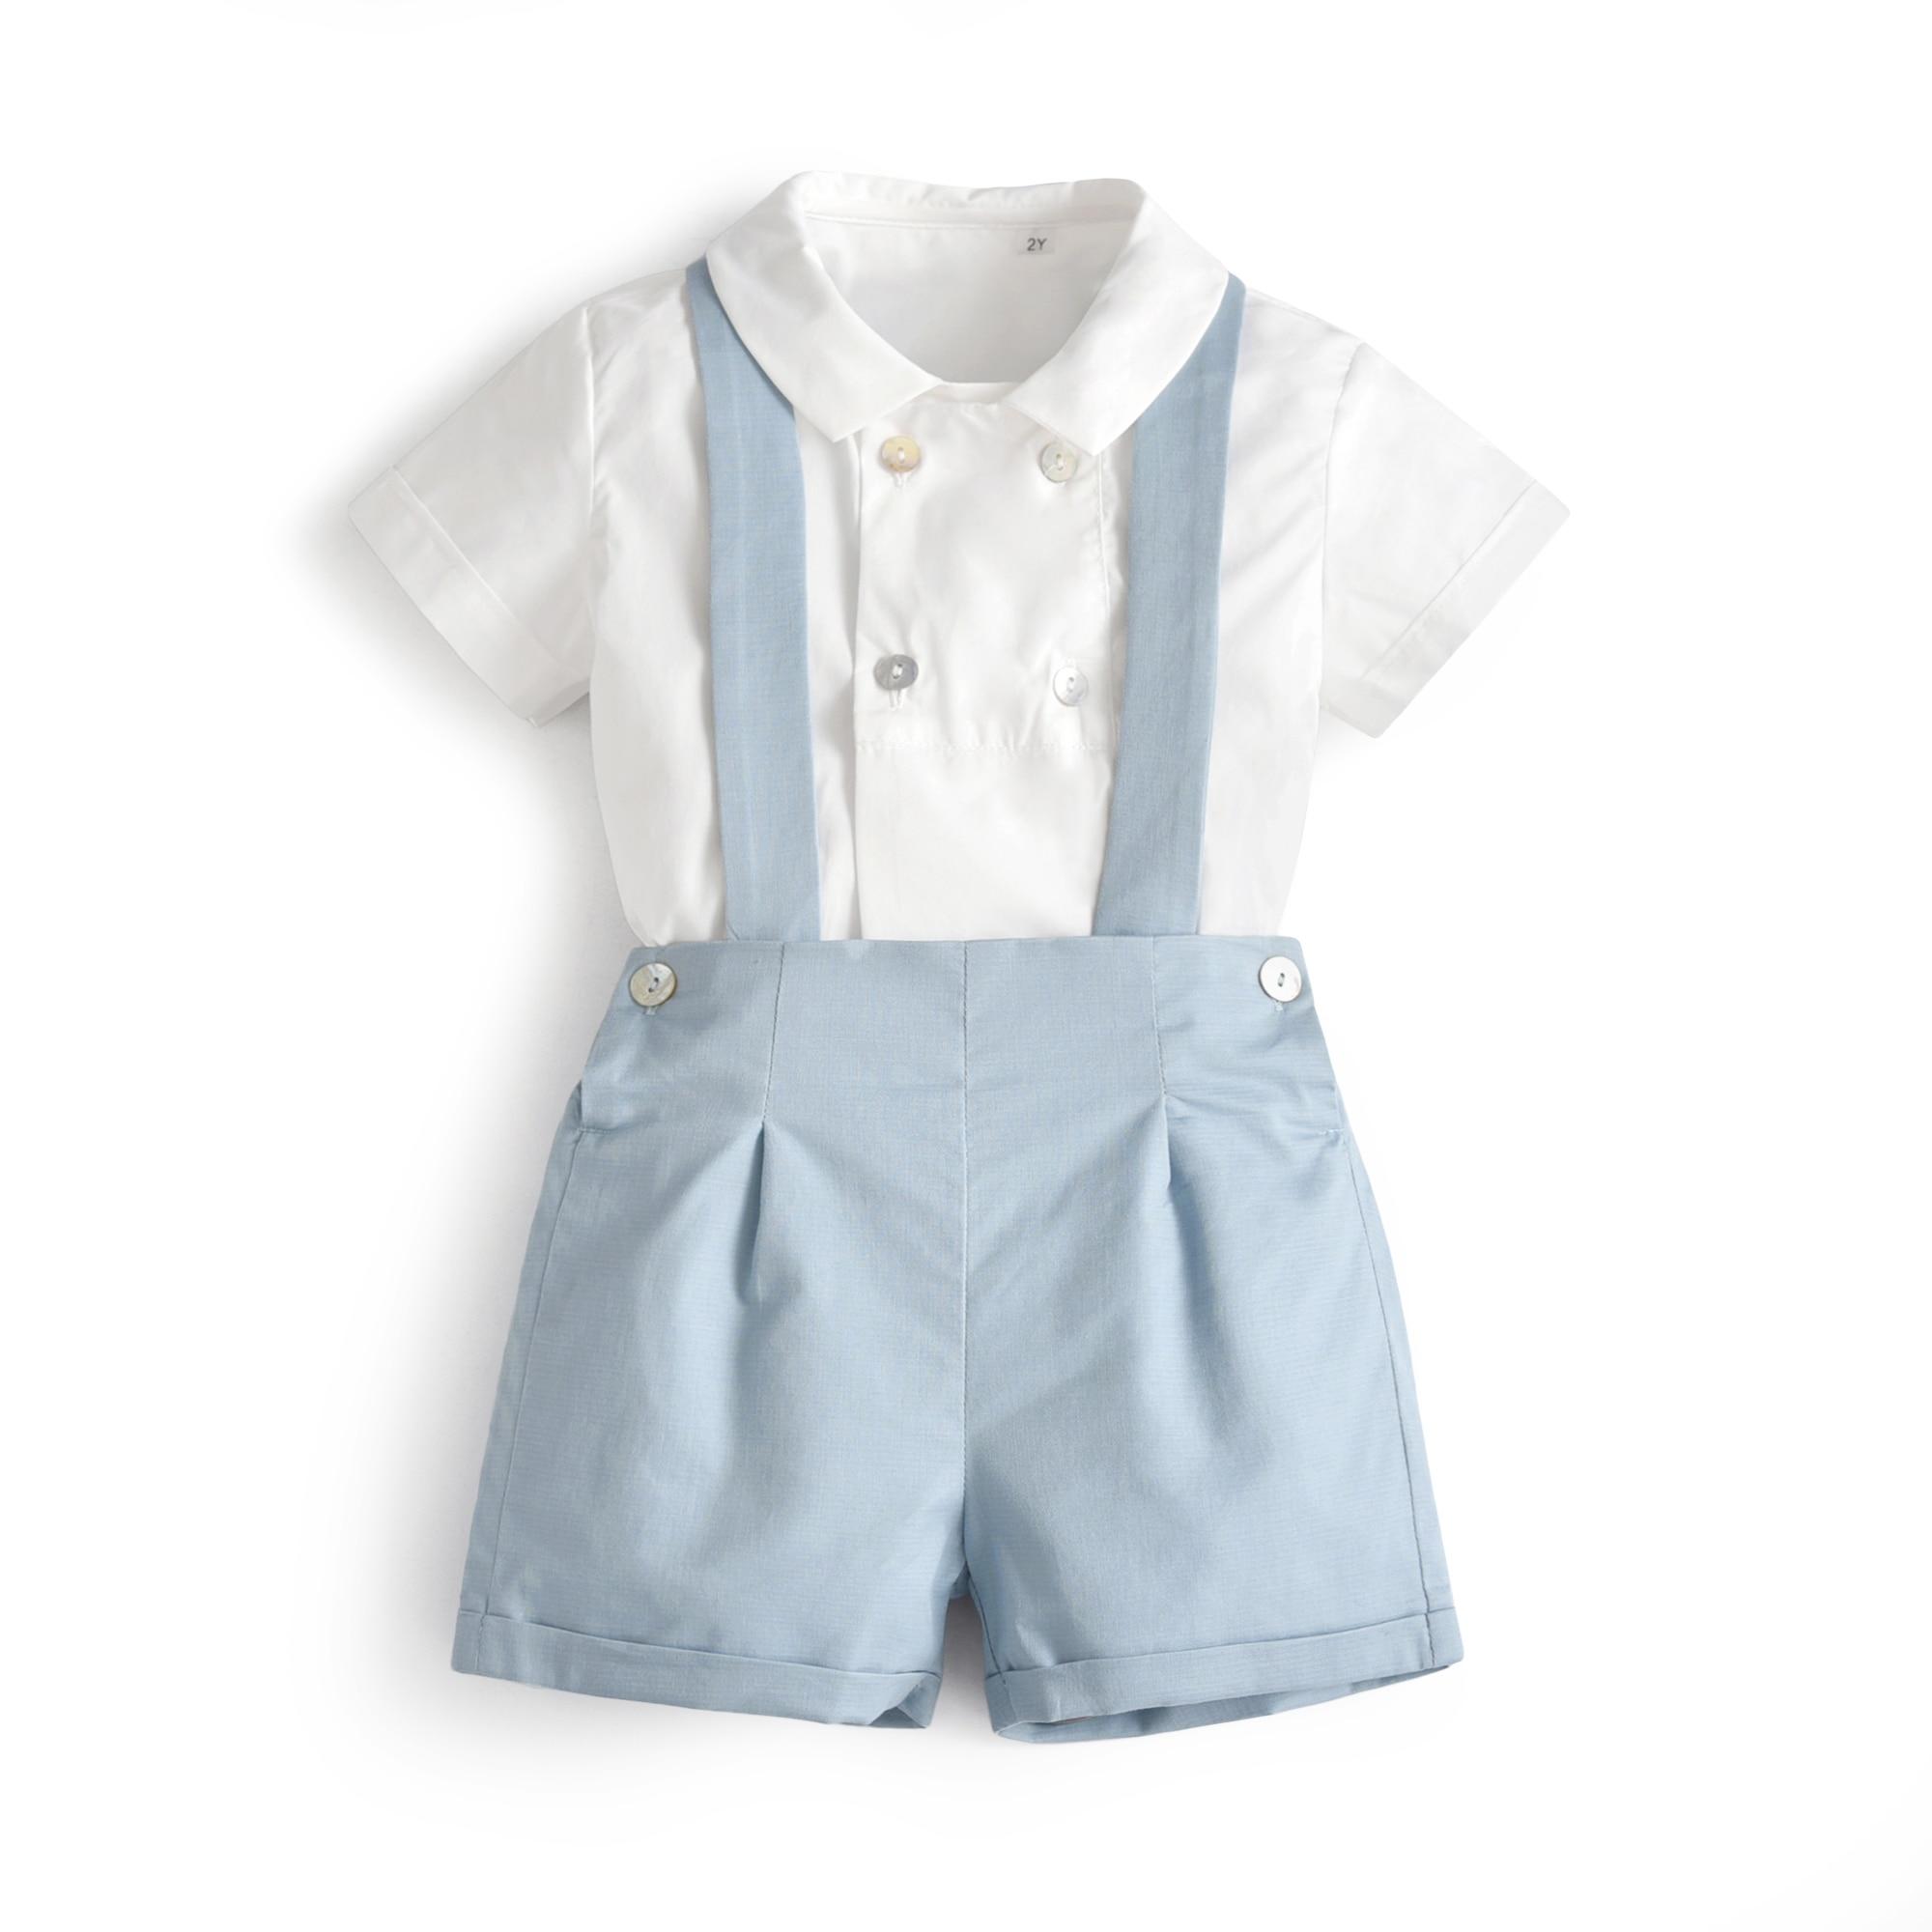 Комплект летней одежды для мальчиков, рубашка с коротким рукавом и шорты на подтяжках, костюм для новорожденных, испанский джентльмен